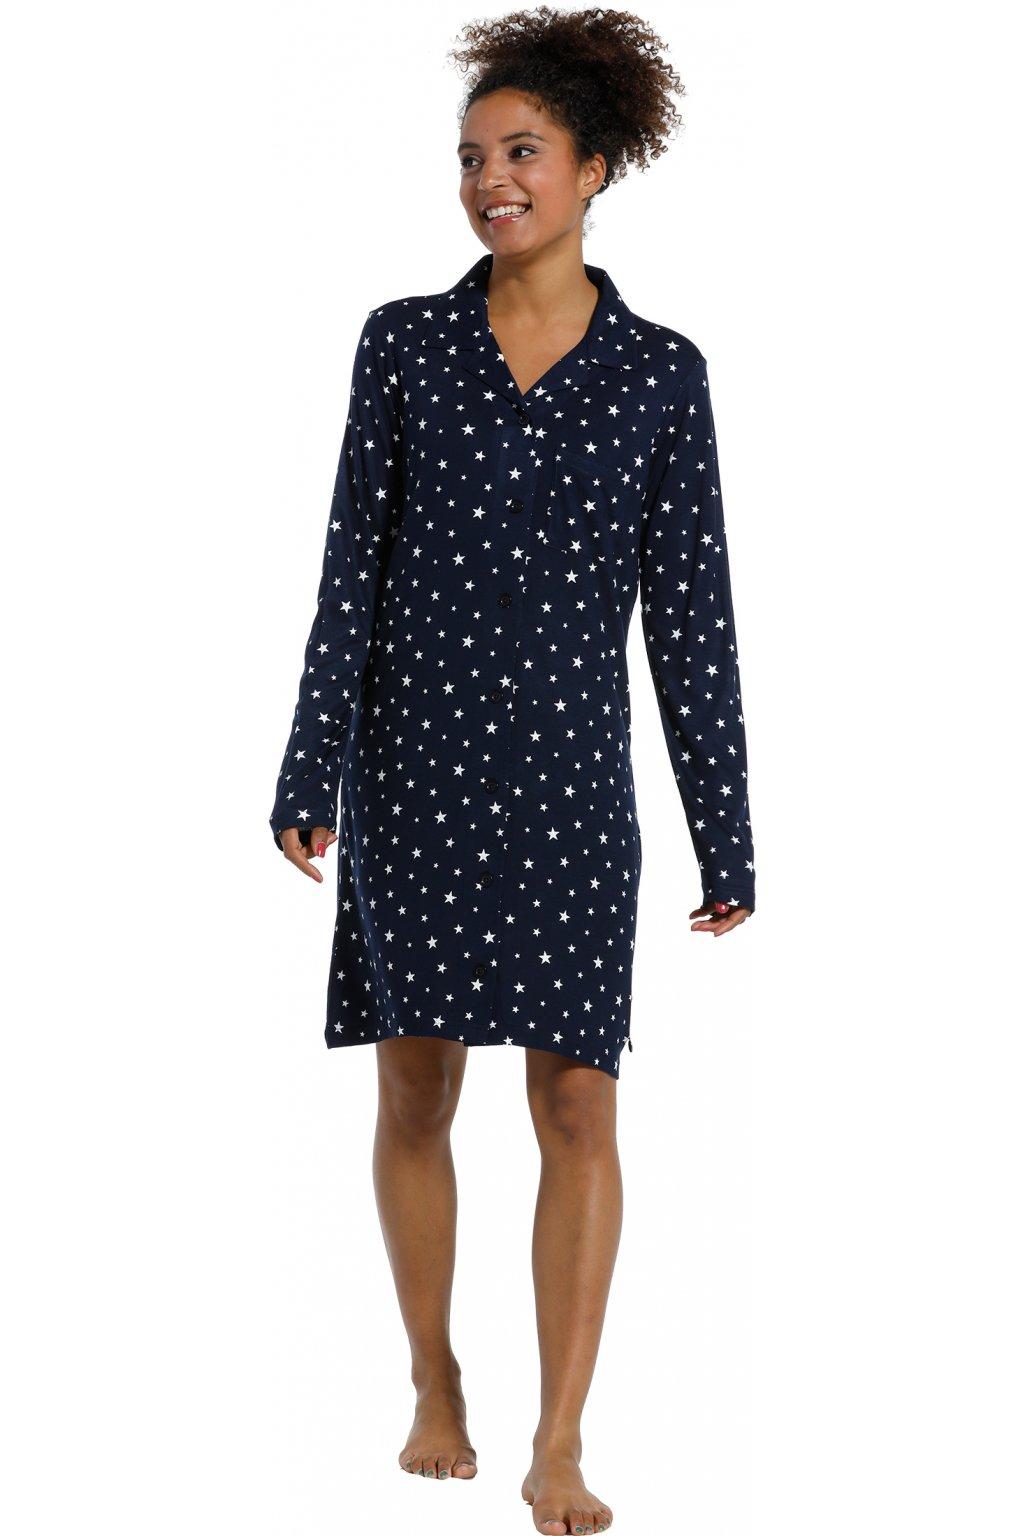 Dámska nočná košeľa s hviezdičkami